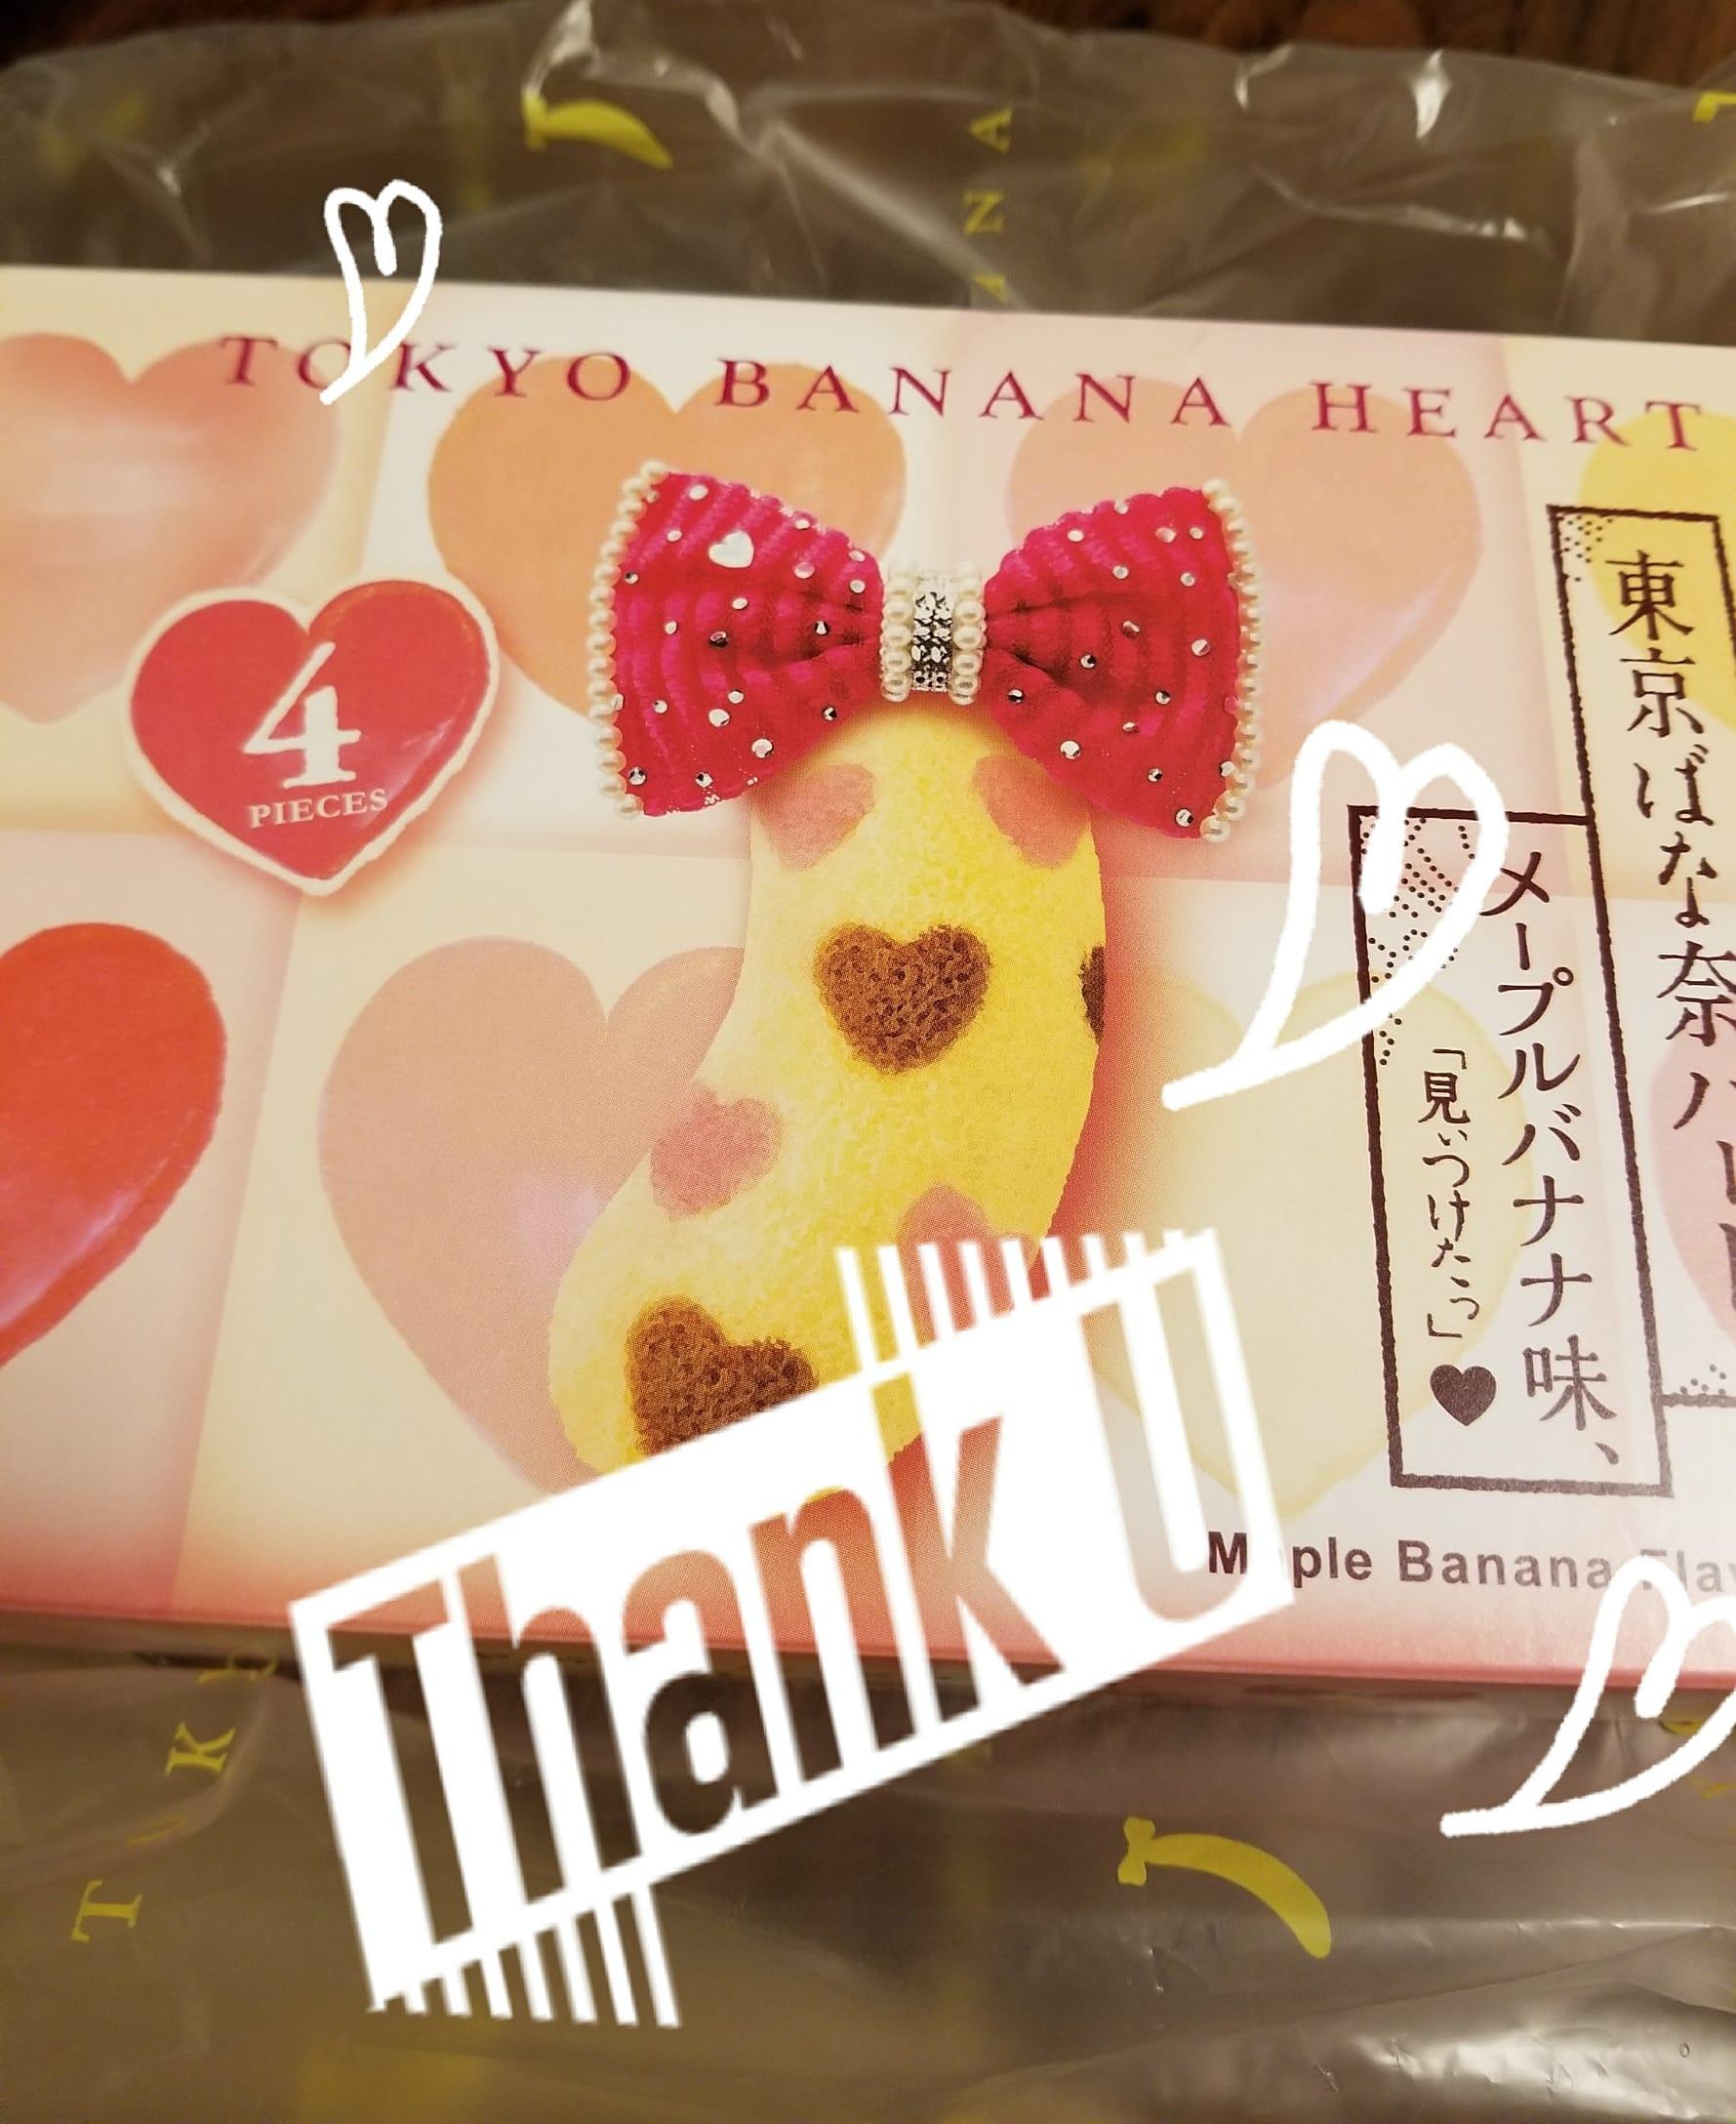 「ありがとうございました♥」10/17(火) 02:28 | えま【~若妻の都~】の写メ・風俗動画